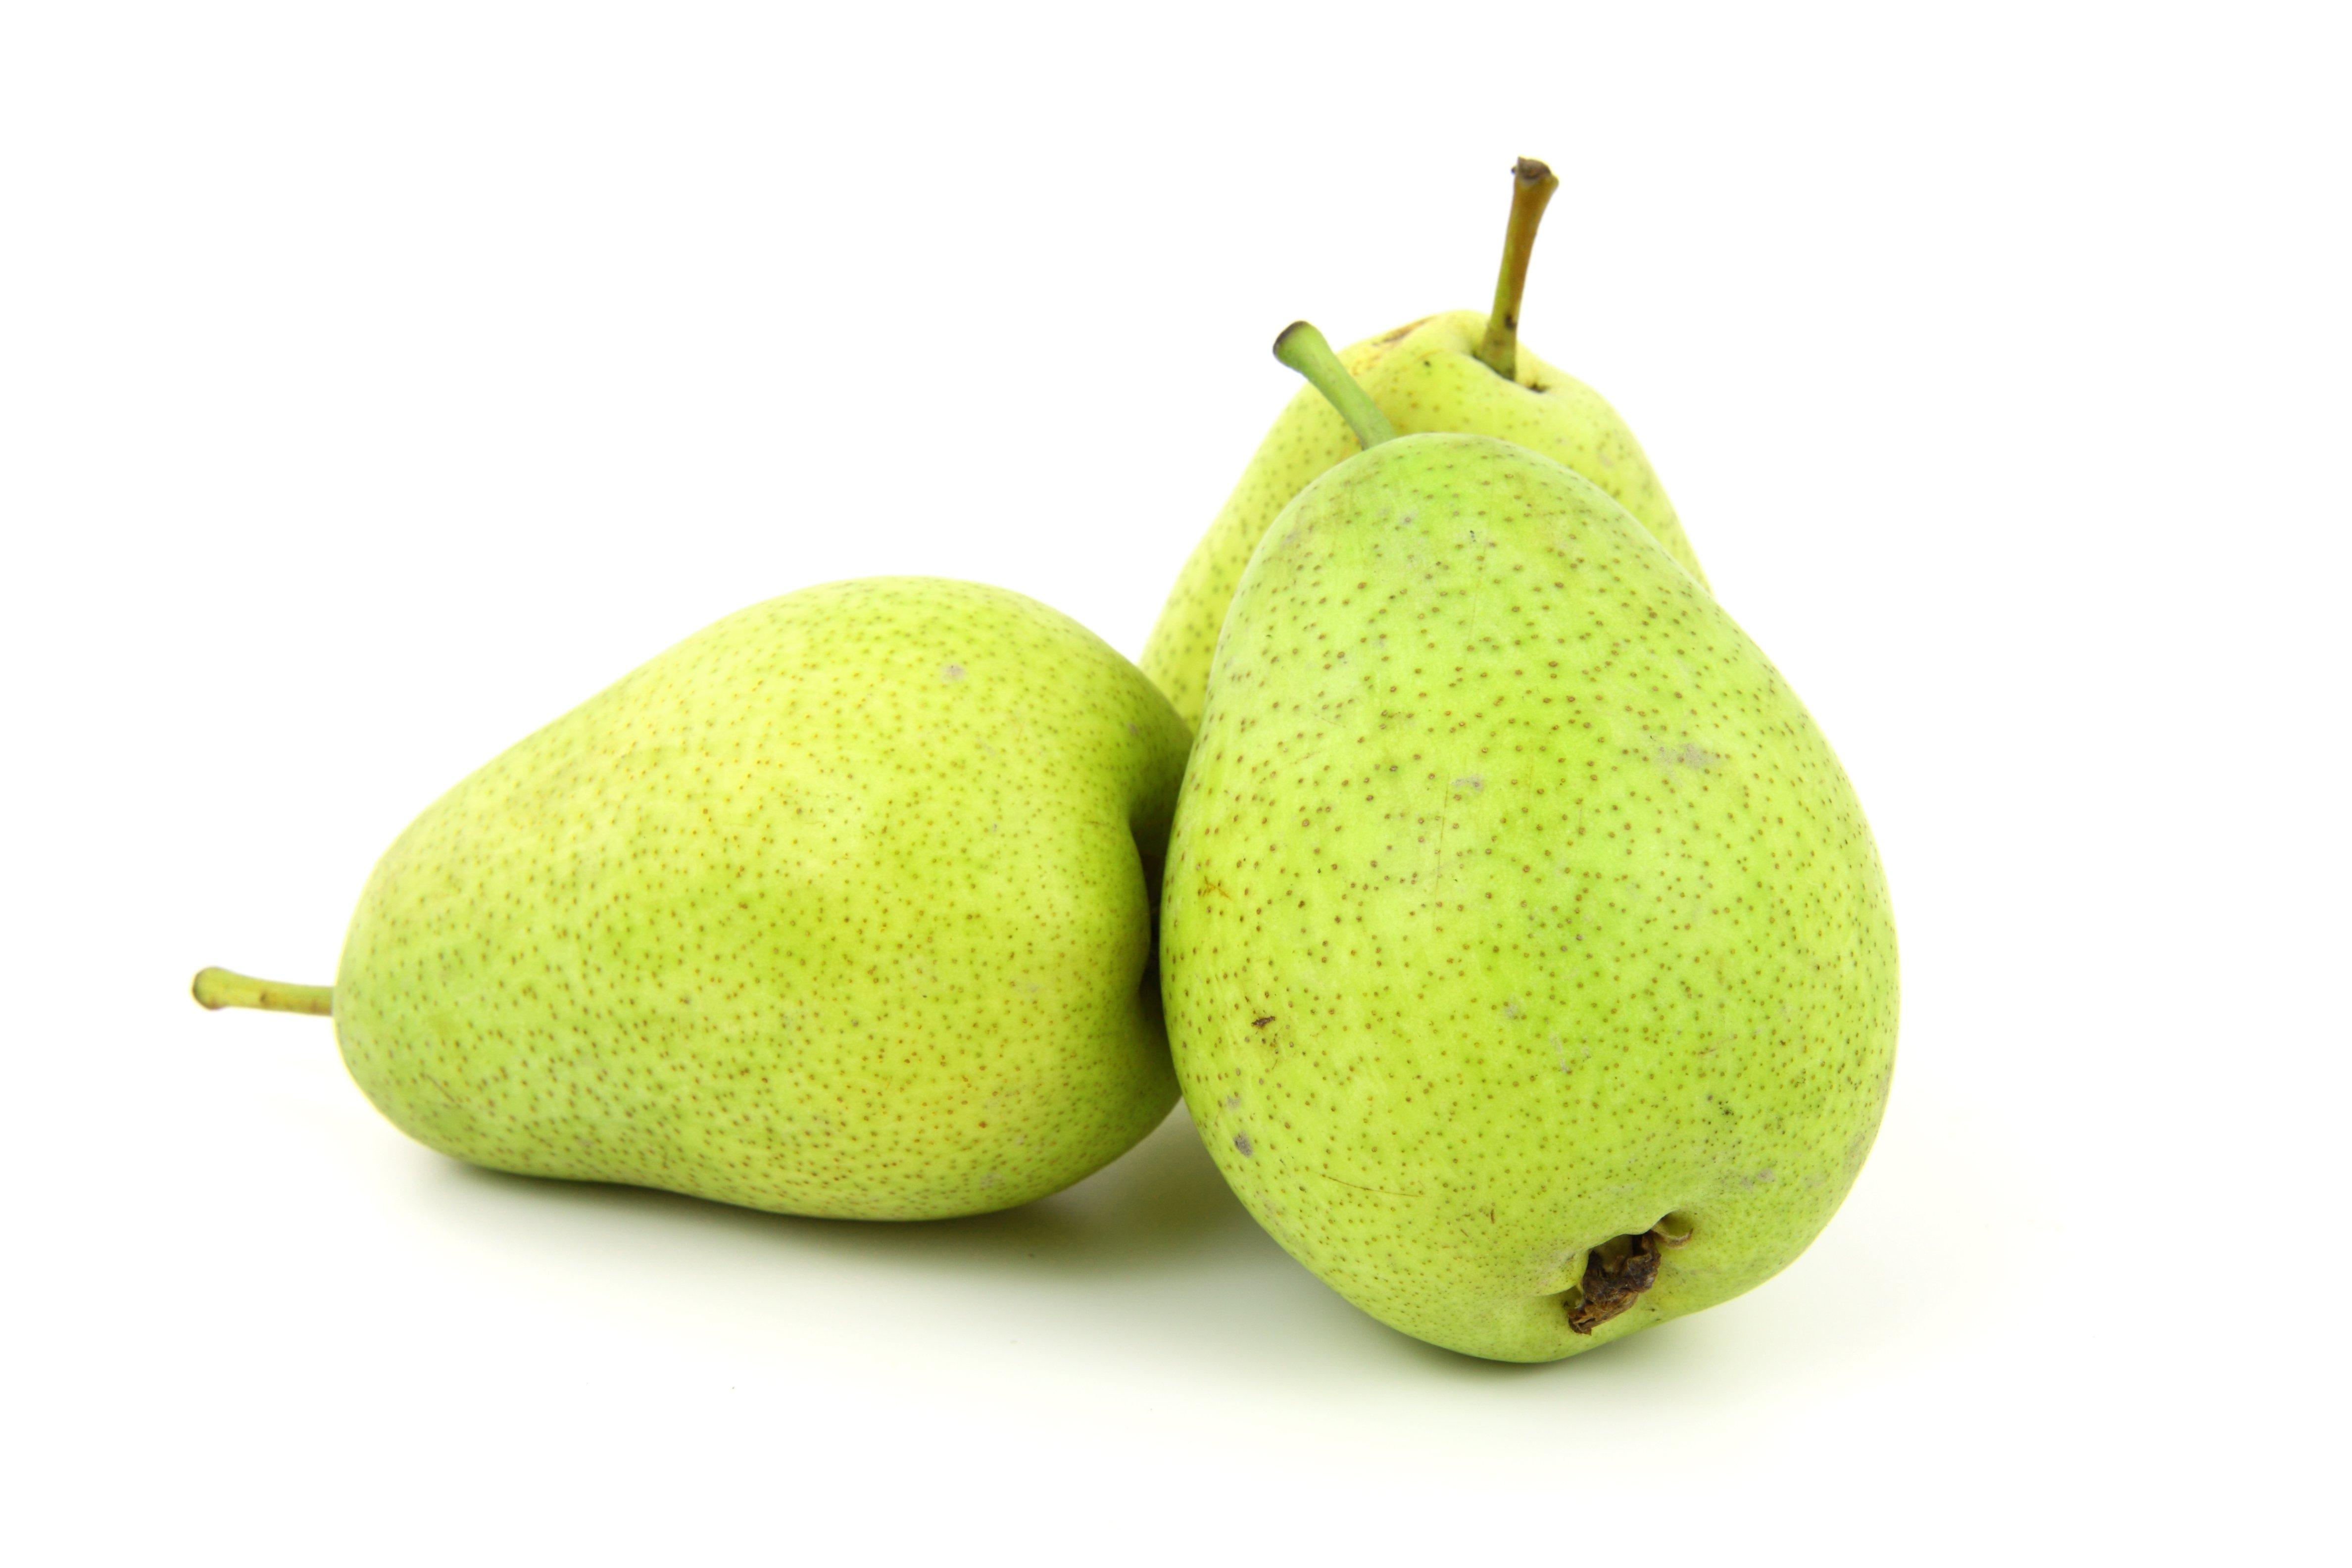 картинка одной груши фруктами железногорске занимаются обучением